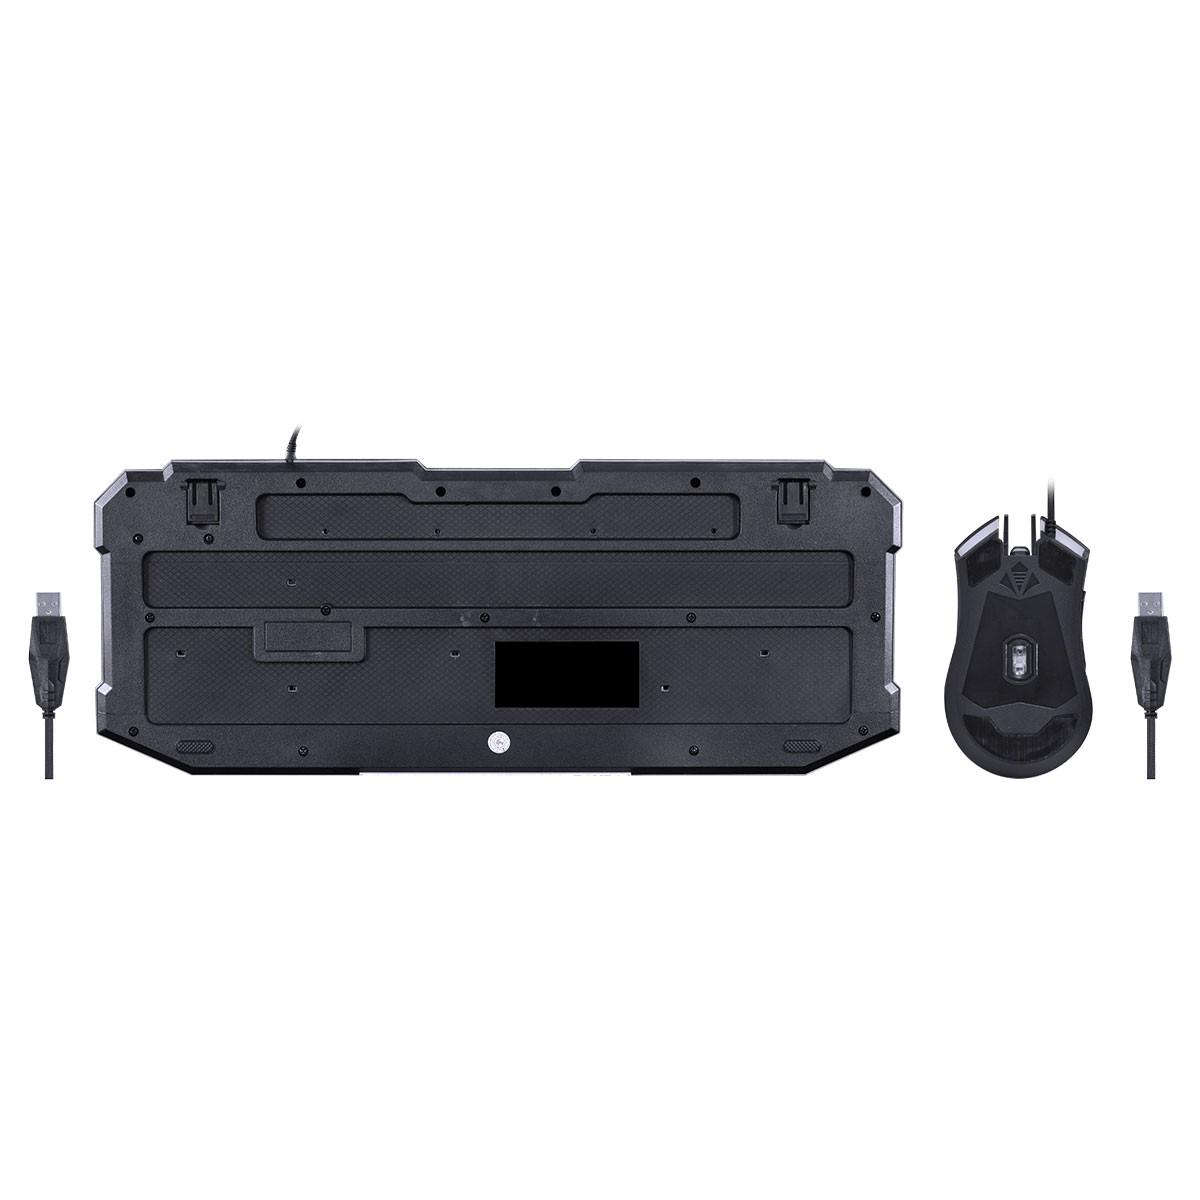 COMBO VX GAMING KRAKEN TECLADO + MOUSE 2400 DPI LED 3 CORES USB 1.8 METROS – VGC-02